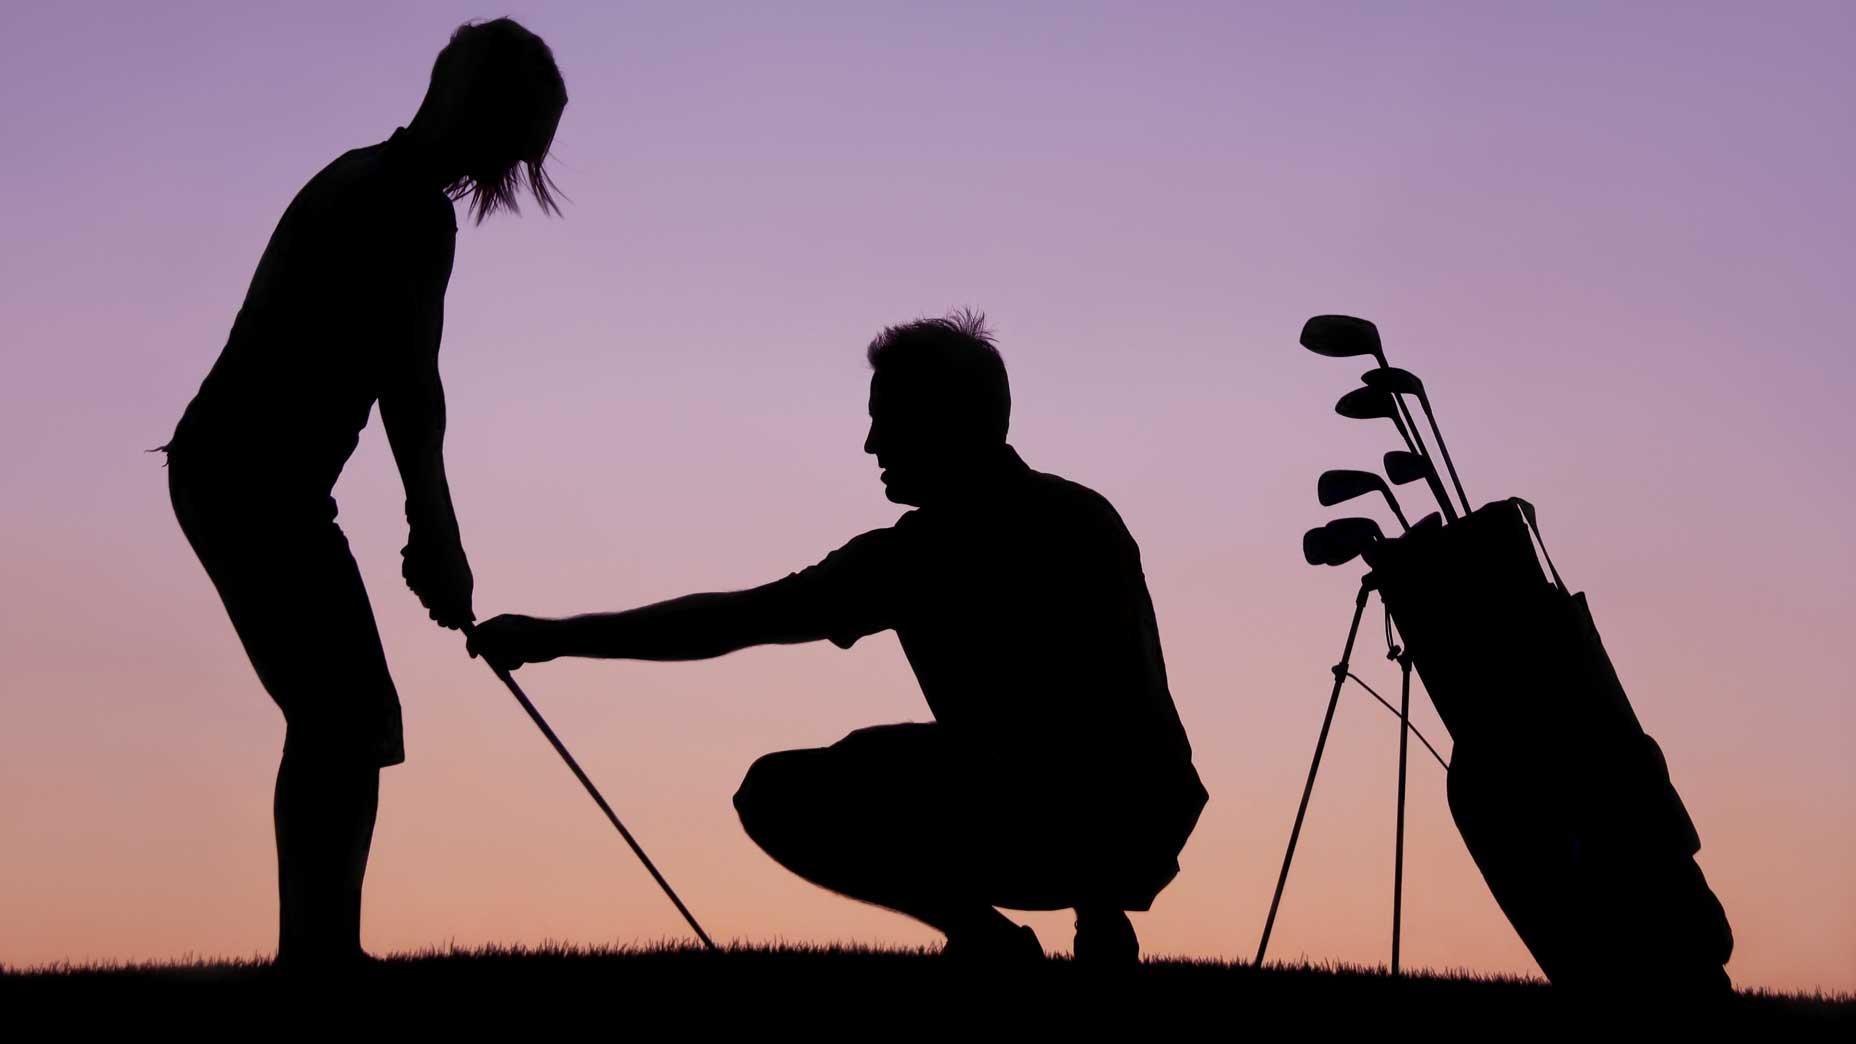 man teaches golf